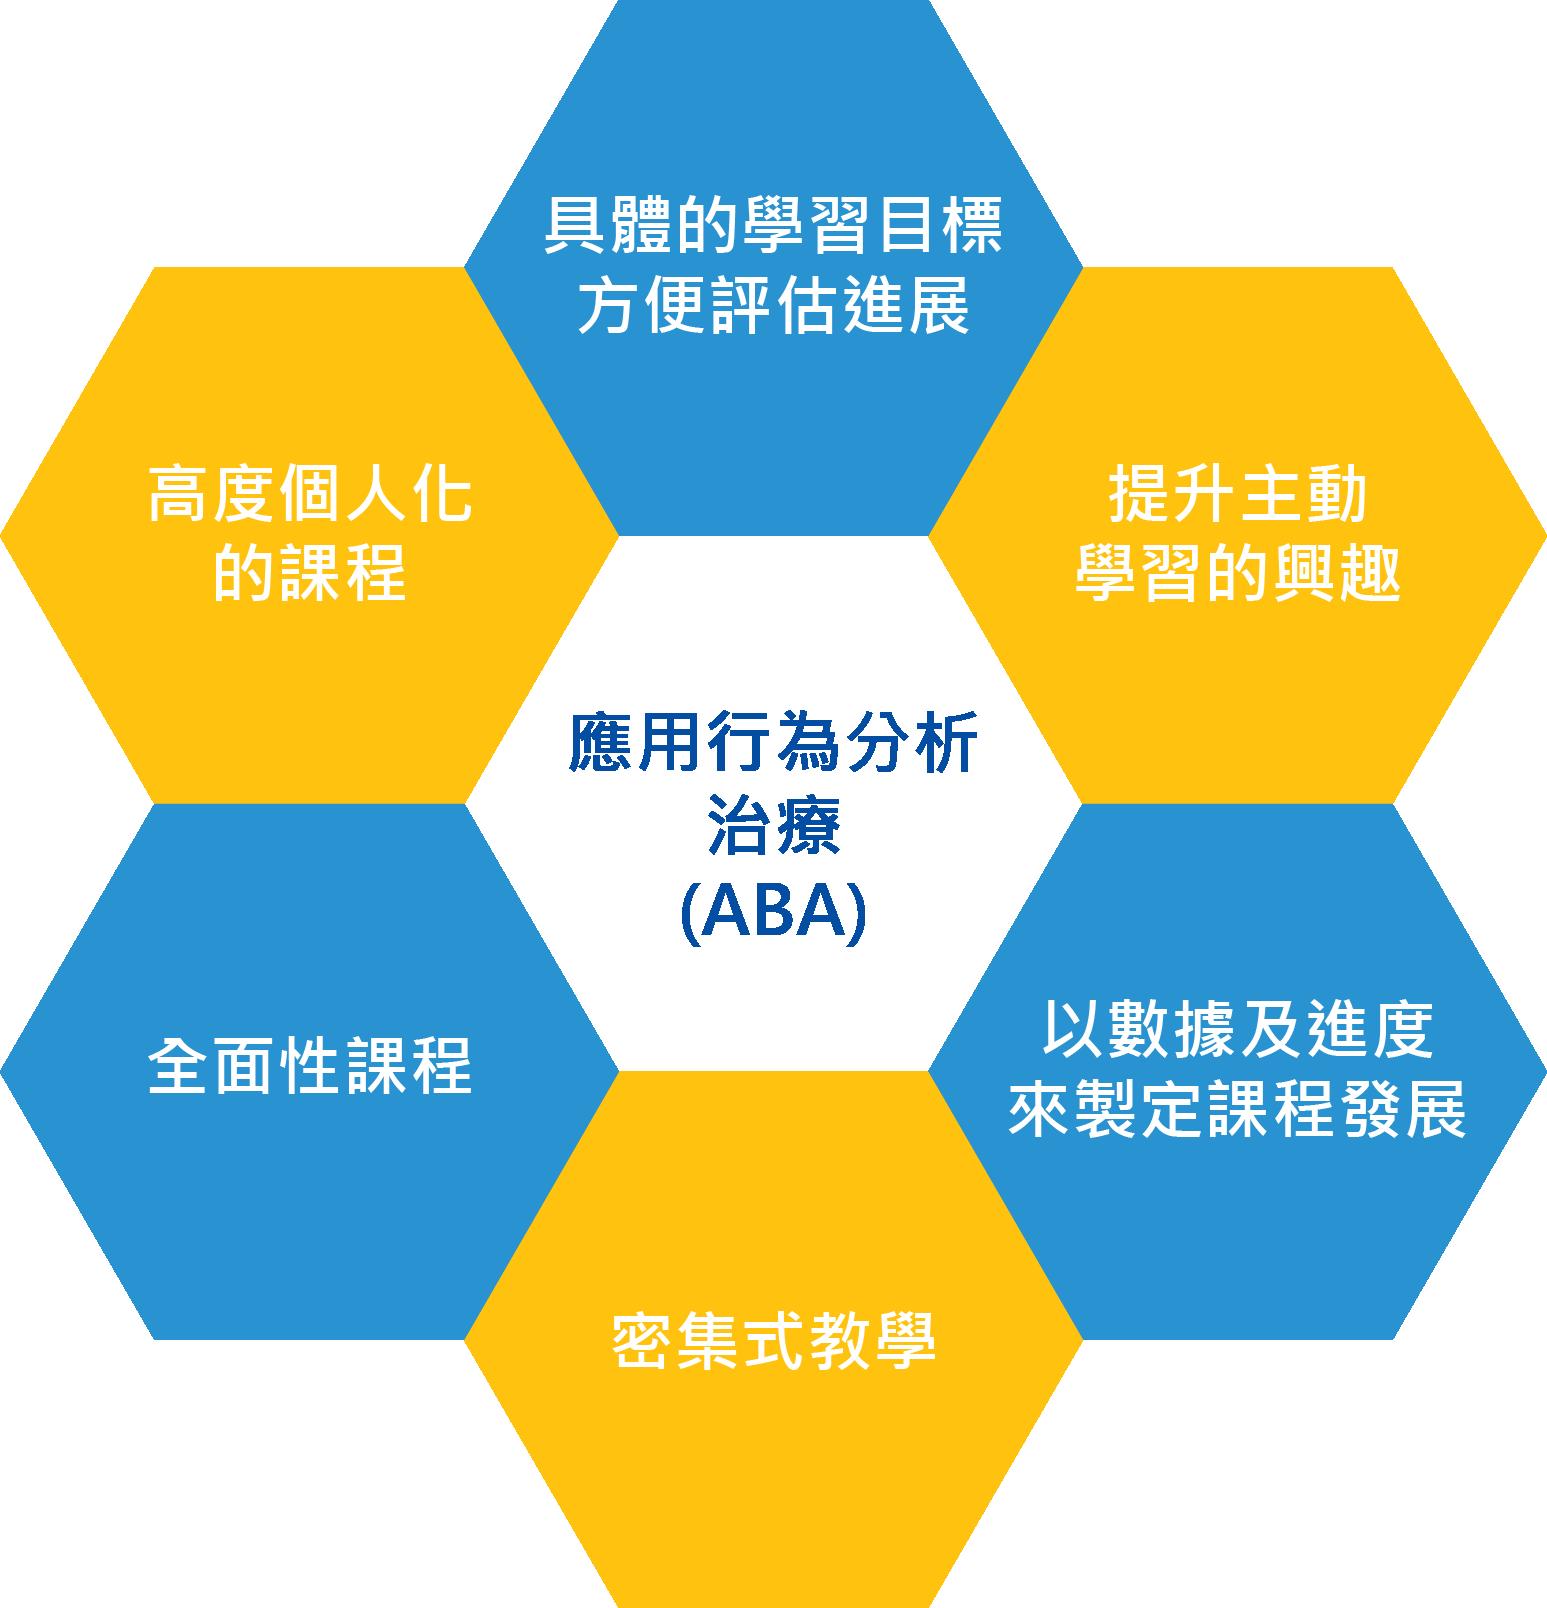 Autism Partnership AP Hong Kong 諮詢服務 不同療效的比較 DTT自閉症 發問 臨床心理學家 行為顧問 治療師 ABA 應用行為分析 社交技巧 行為問題 協康 專業評估 個人化 治療 行為問題 語言 認知 家長培訓 教師培訓 到校支援 工作坊 孤獨症 國際認證 行為分析師 兒童訓練 大肌肉 小肌肉生活技能 早期教育及訓練中心 實證 專注力不足 度身訂造 課程 行為獎勵 實踐培訓 互動教學法 代幣 強化物 規則 習慣eating habit 缺乏專注力 攻擊性行為 自我刺激 感官反應刻板 固執 不合作 教導自閉症兒童的新穎方法 ABA教學 普通話 中國 內地 mainland國語 自發性 Q&A 溝通 發問問題 Ask question